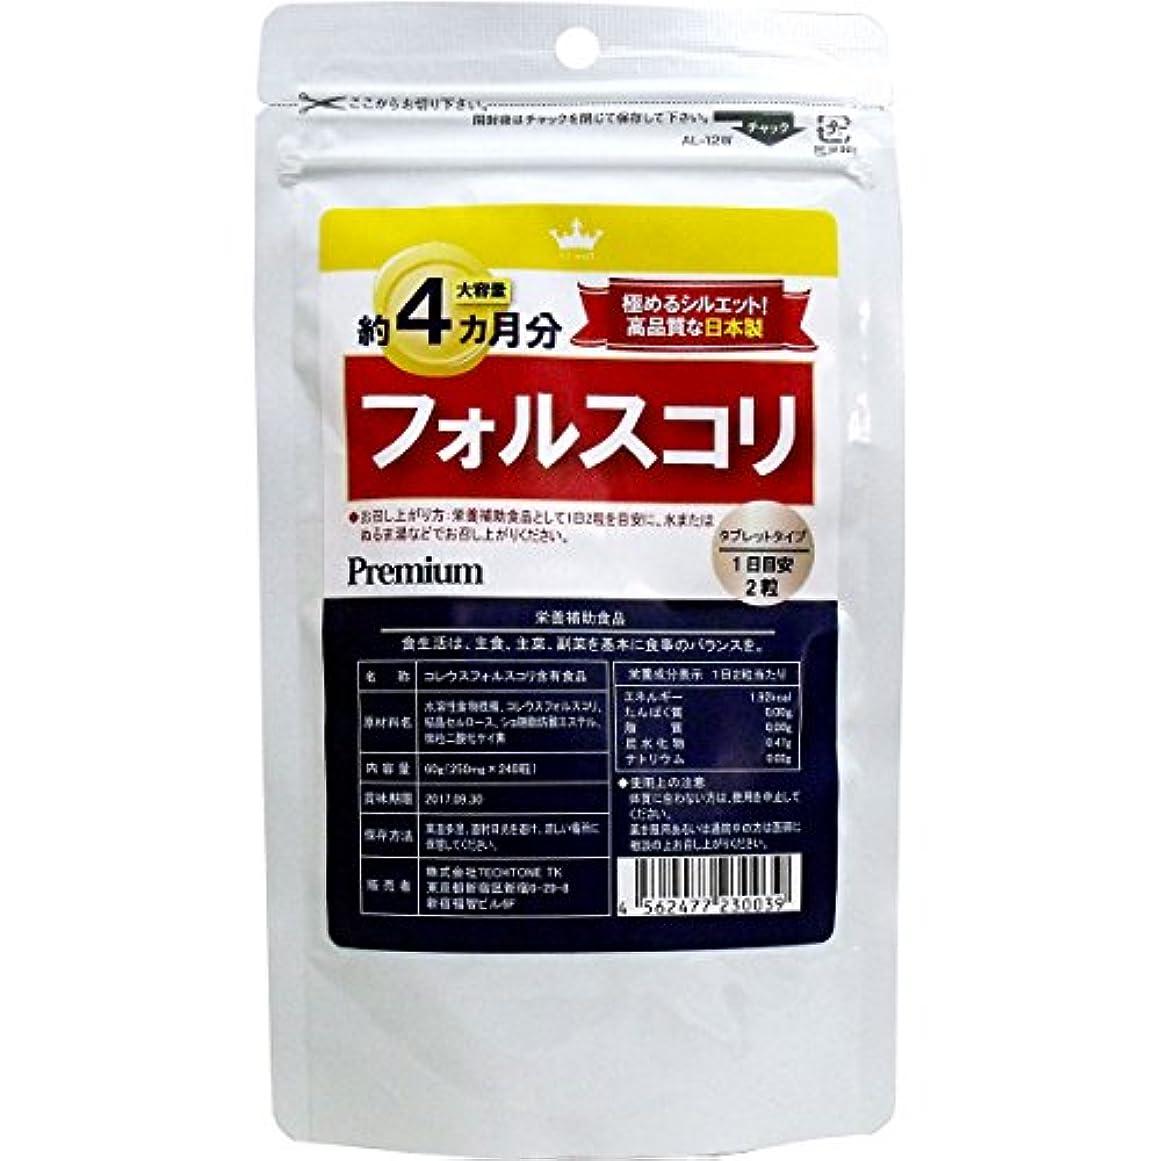 受信調停する悪のサプリメント 高品質な日本製 健康食品 フォルスコリ 約4カ月分 240粒入